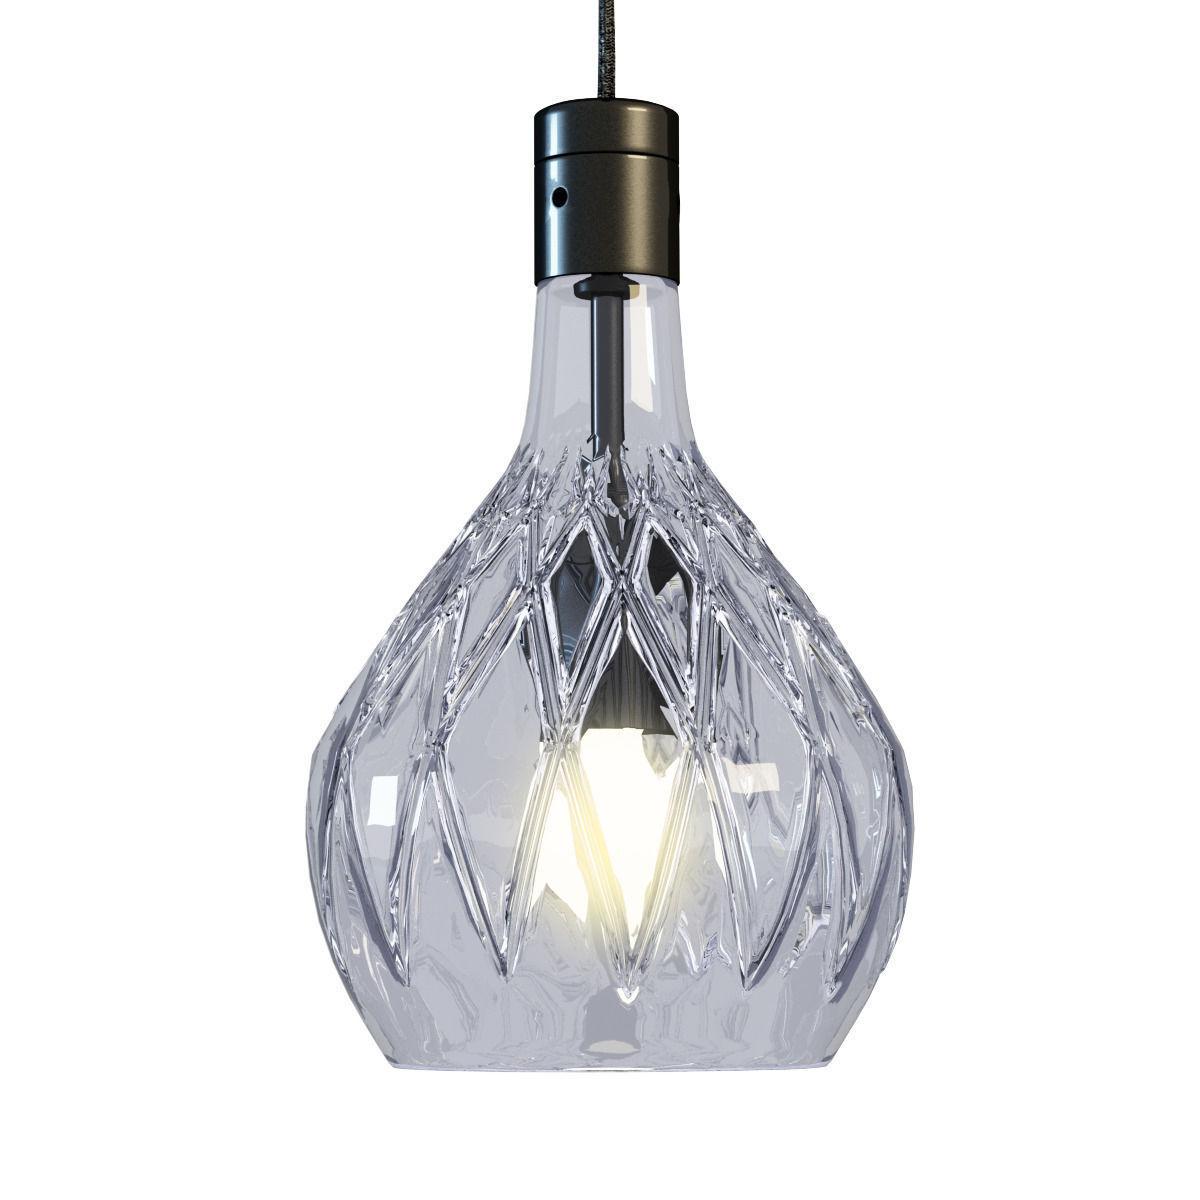 Hanging lamp Sfera - Baccarat